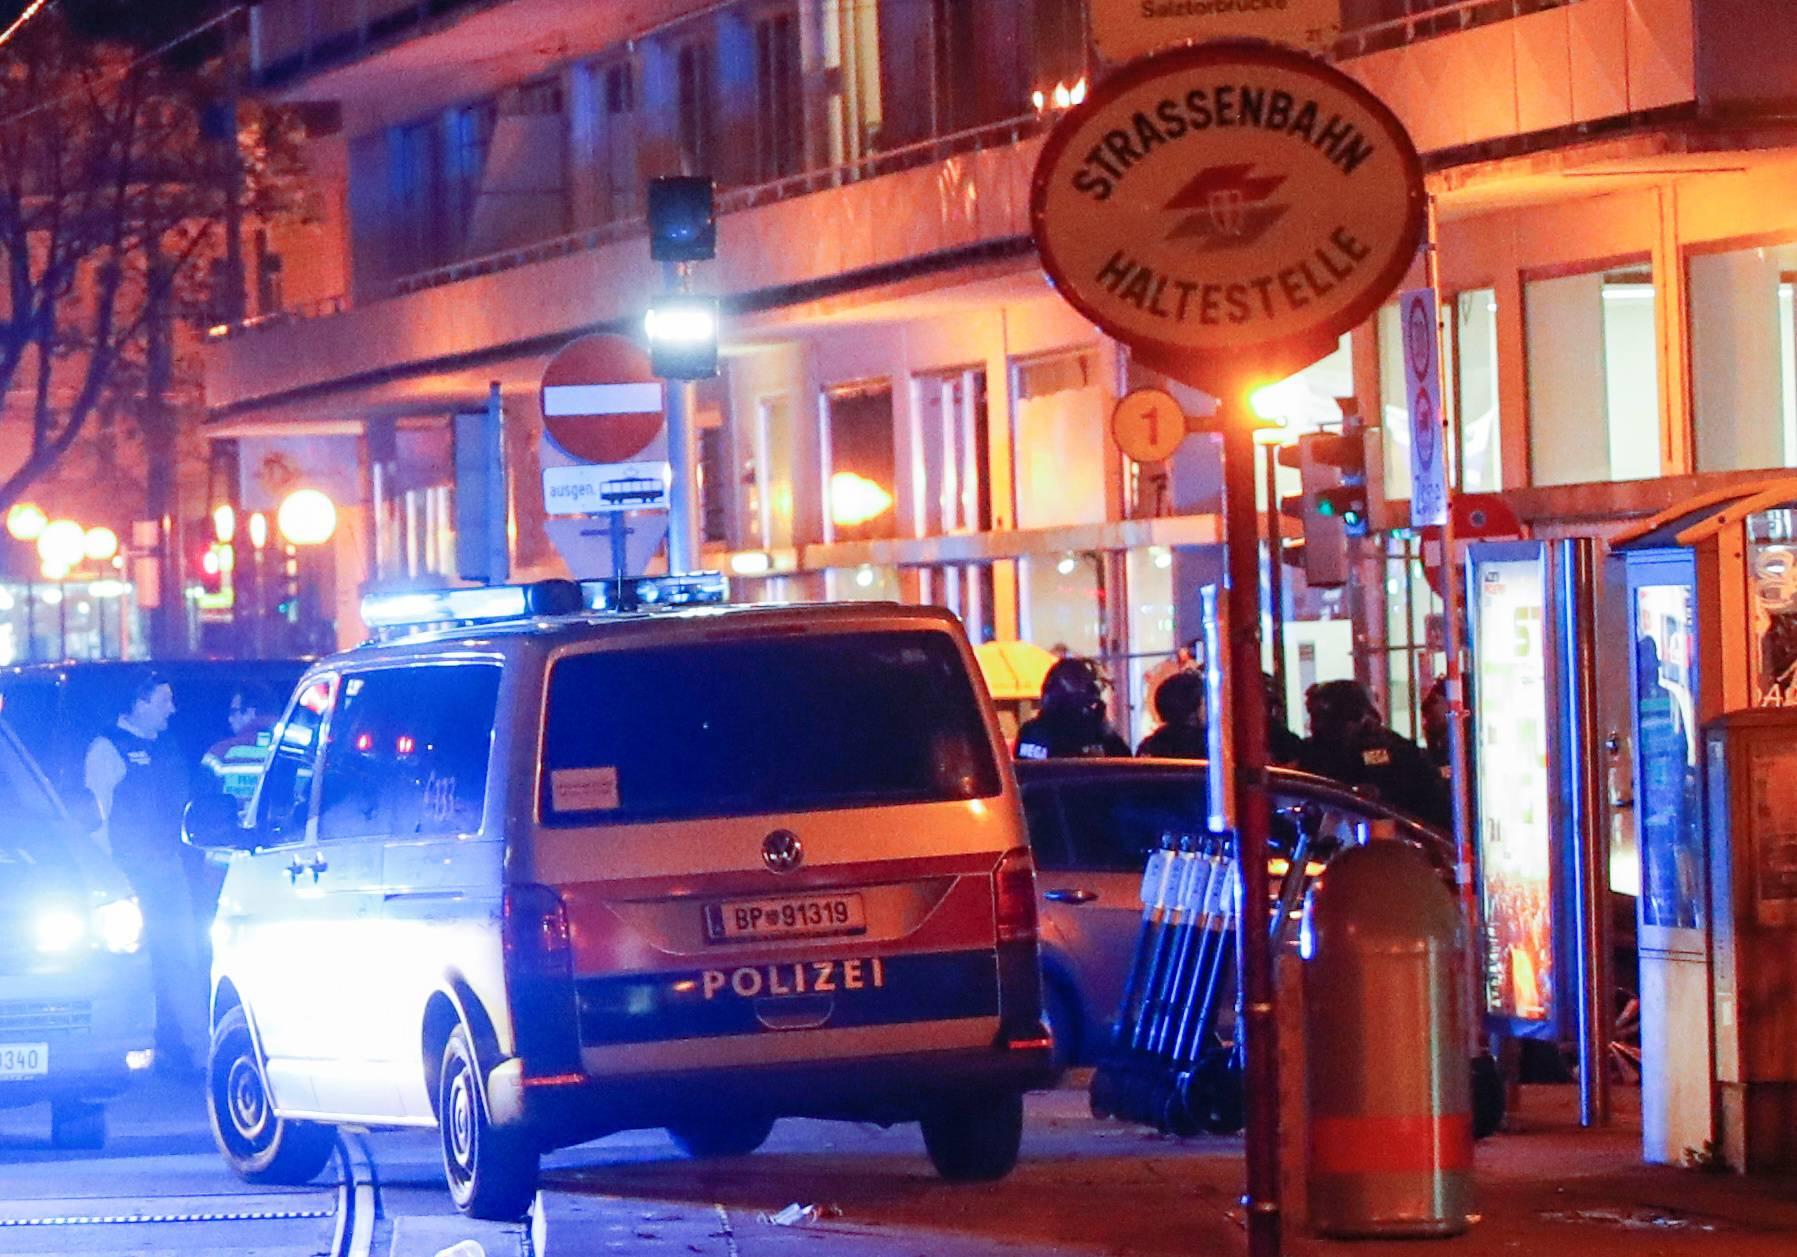 Police blocks a street near Schwedenplatz square after exchanges of gunfire in Vienna